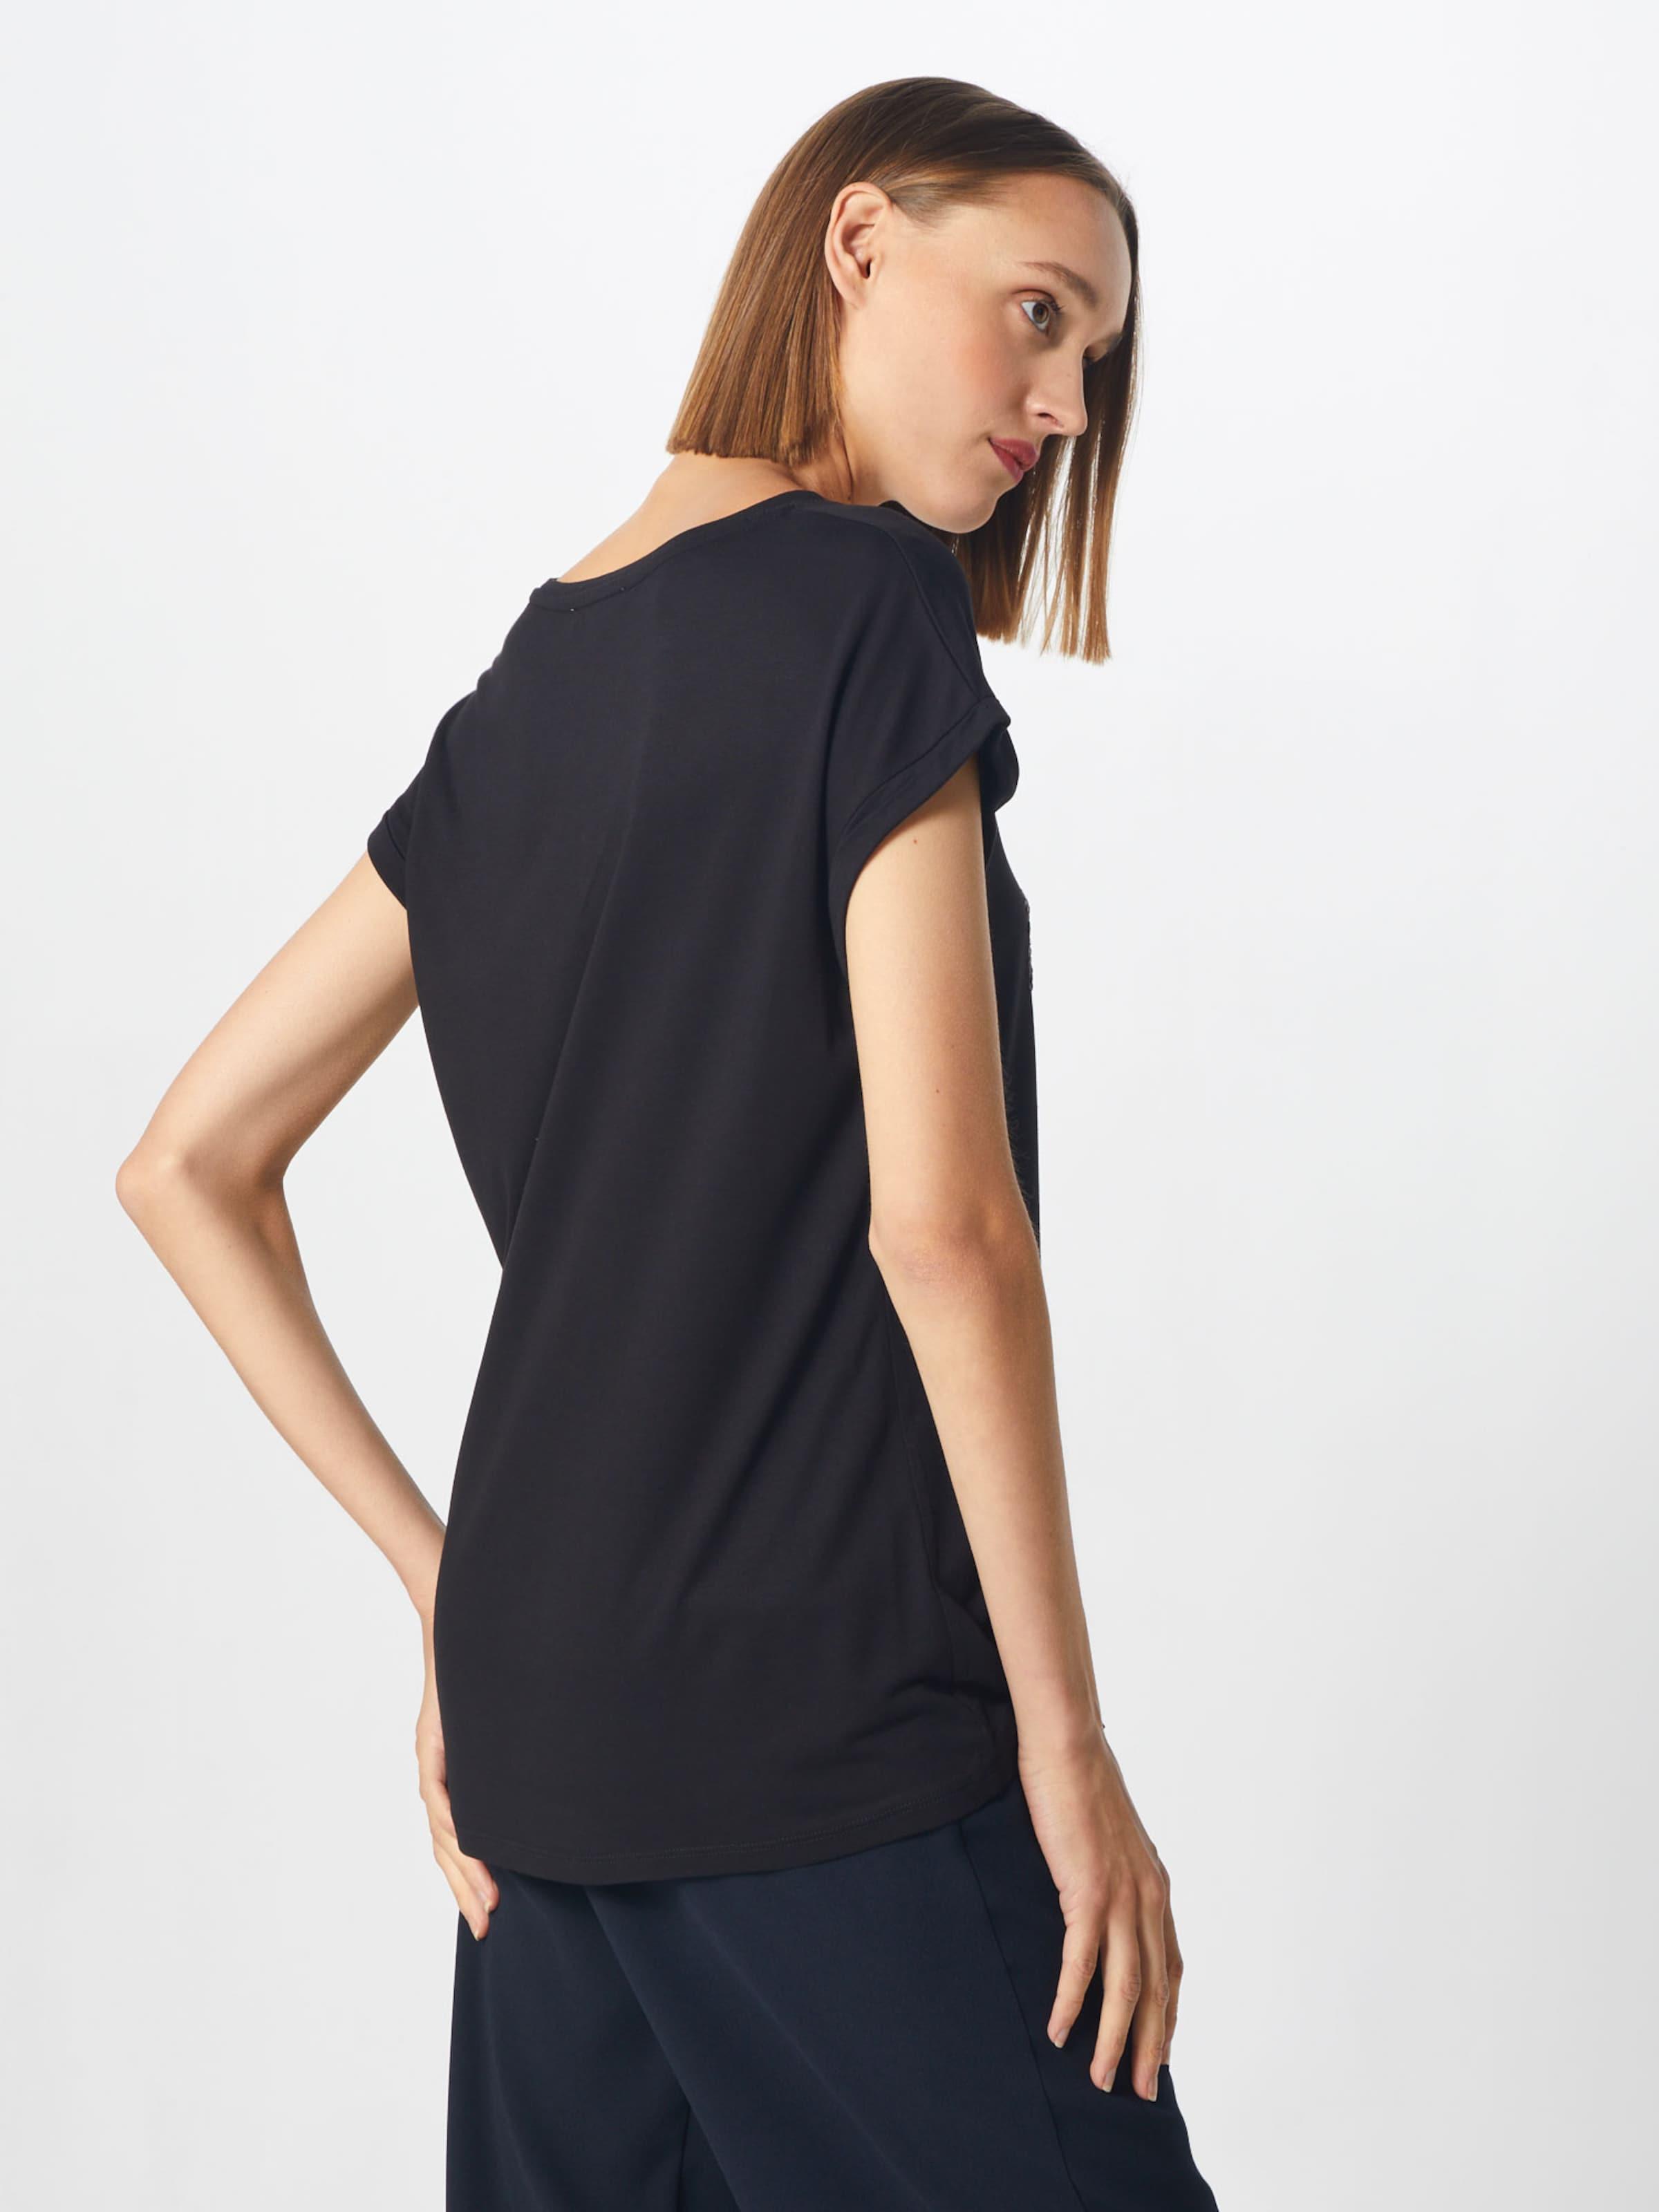 'aurelia' About En shirt Noir You T rCoQhdtxsB